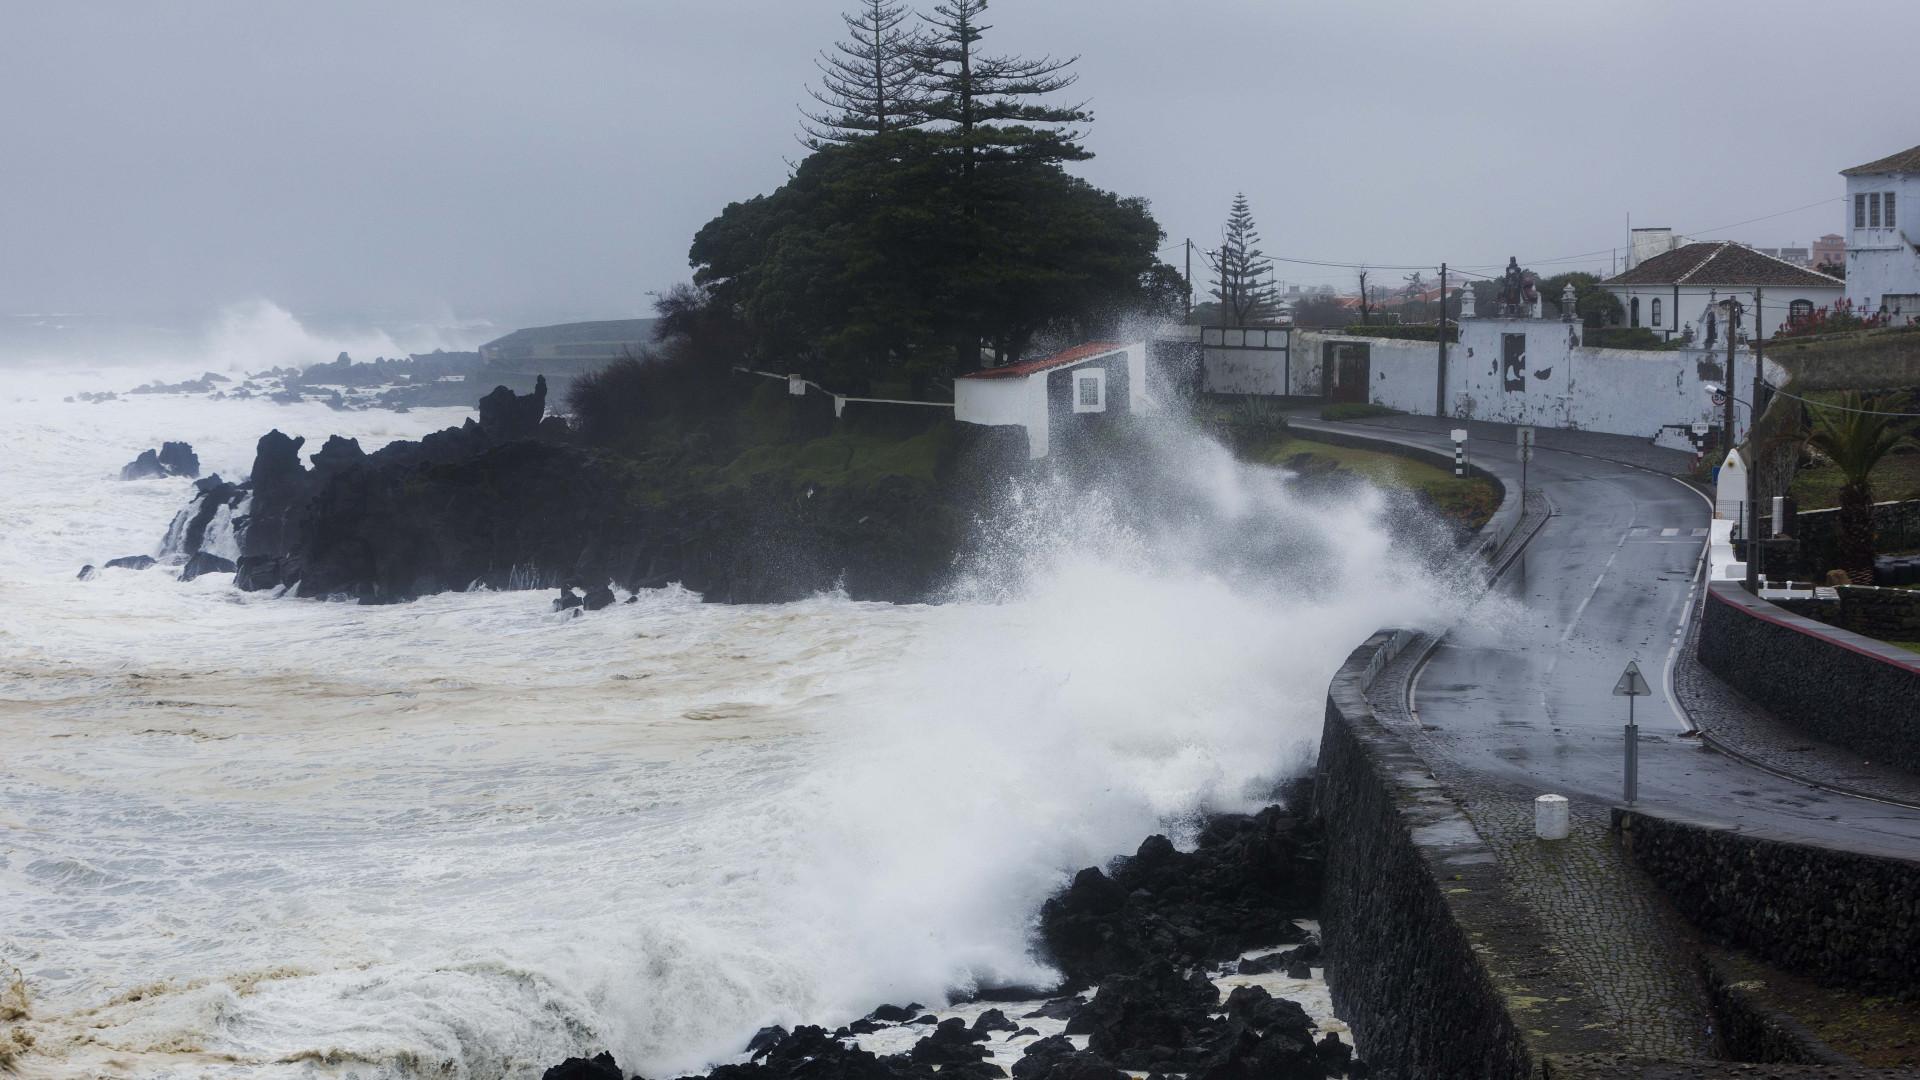 IPMA eleva para vermelho aviso de chuva em ilhas dos Açores